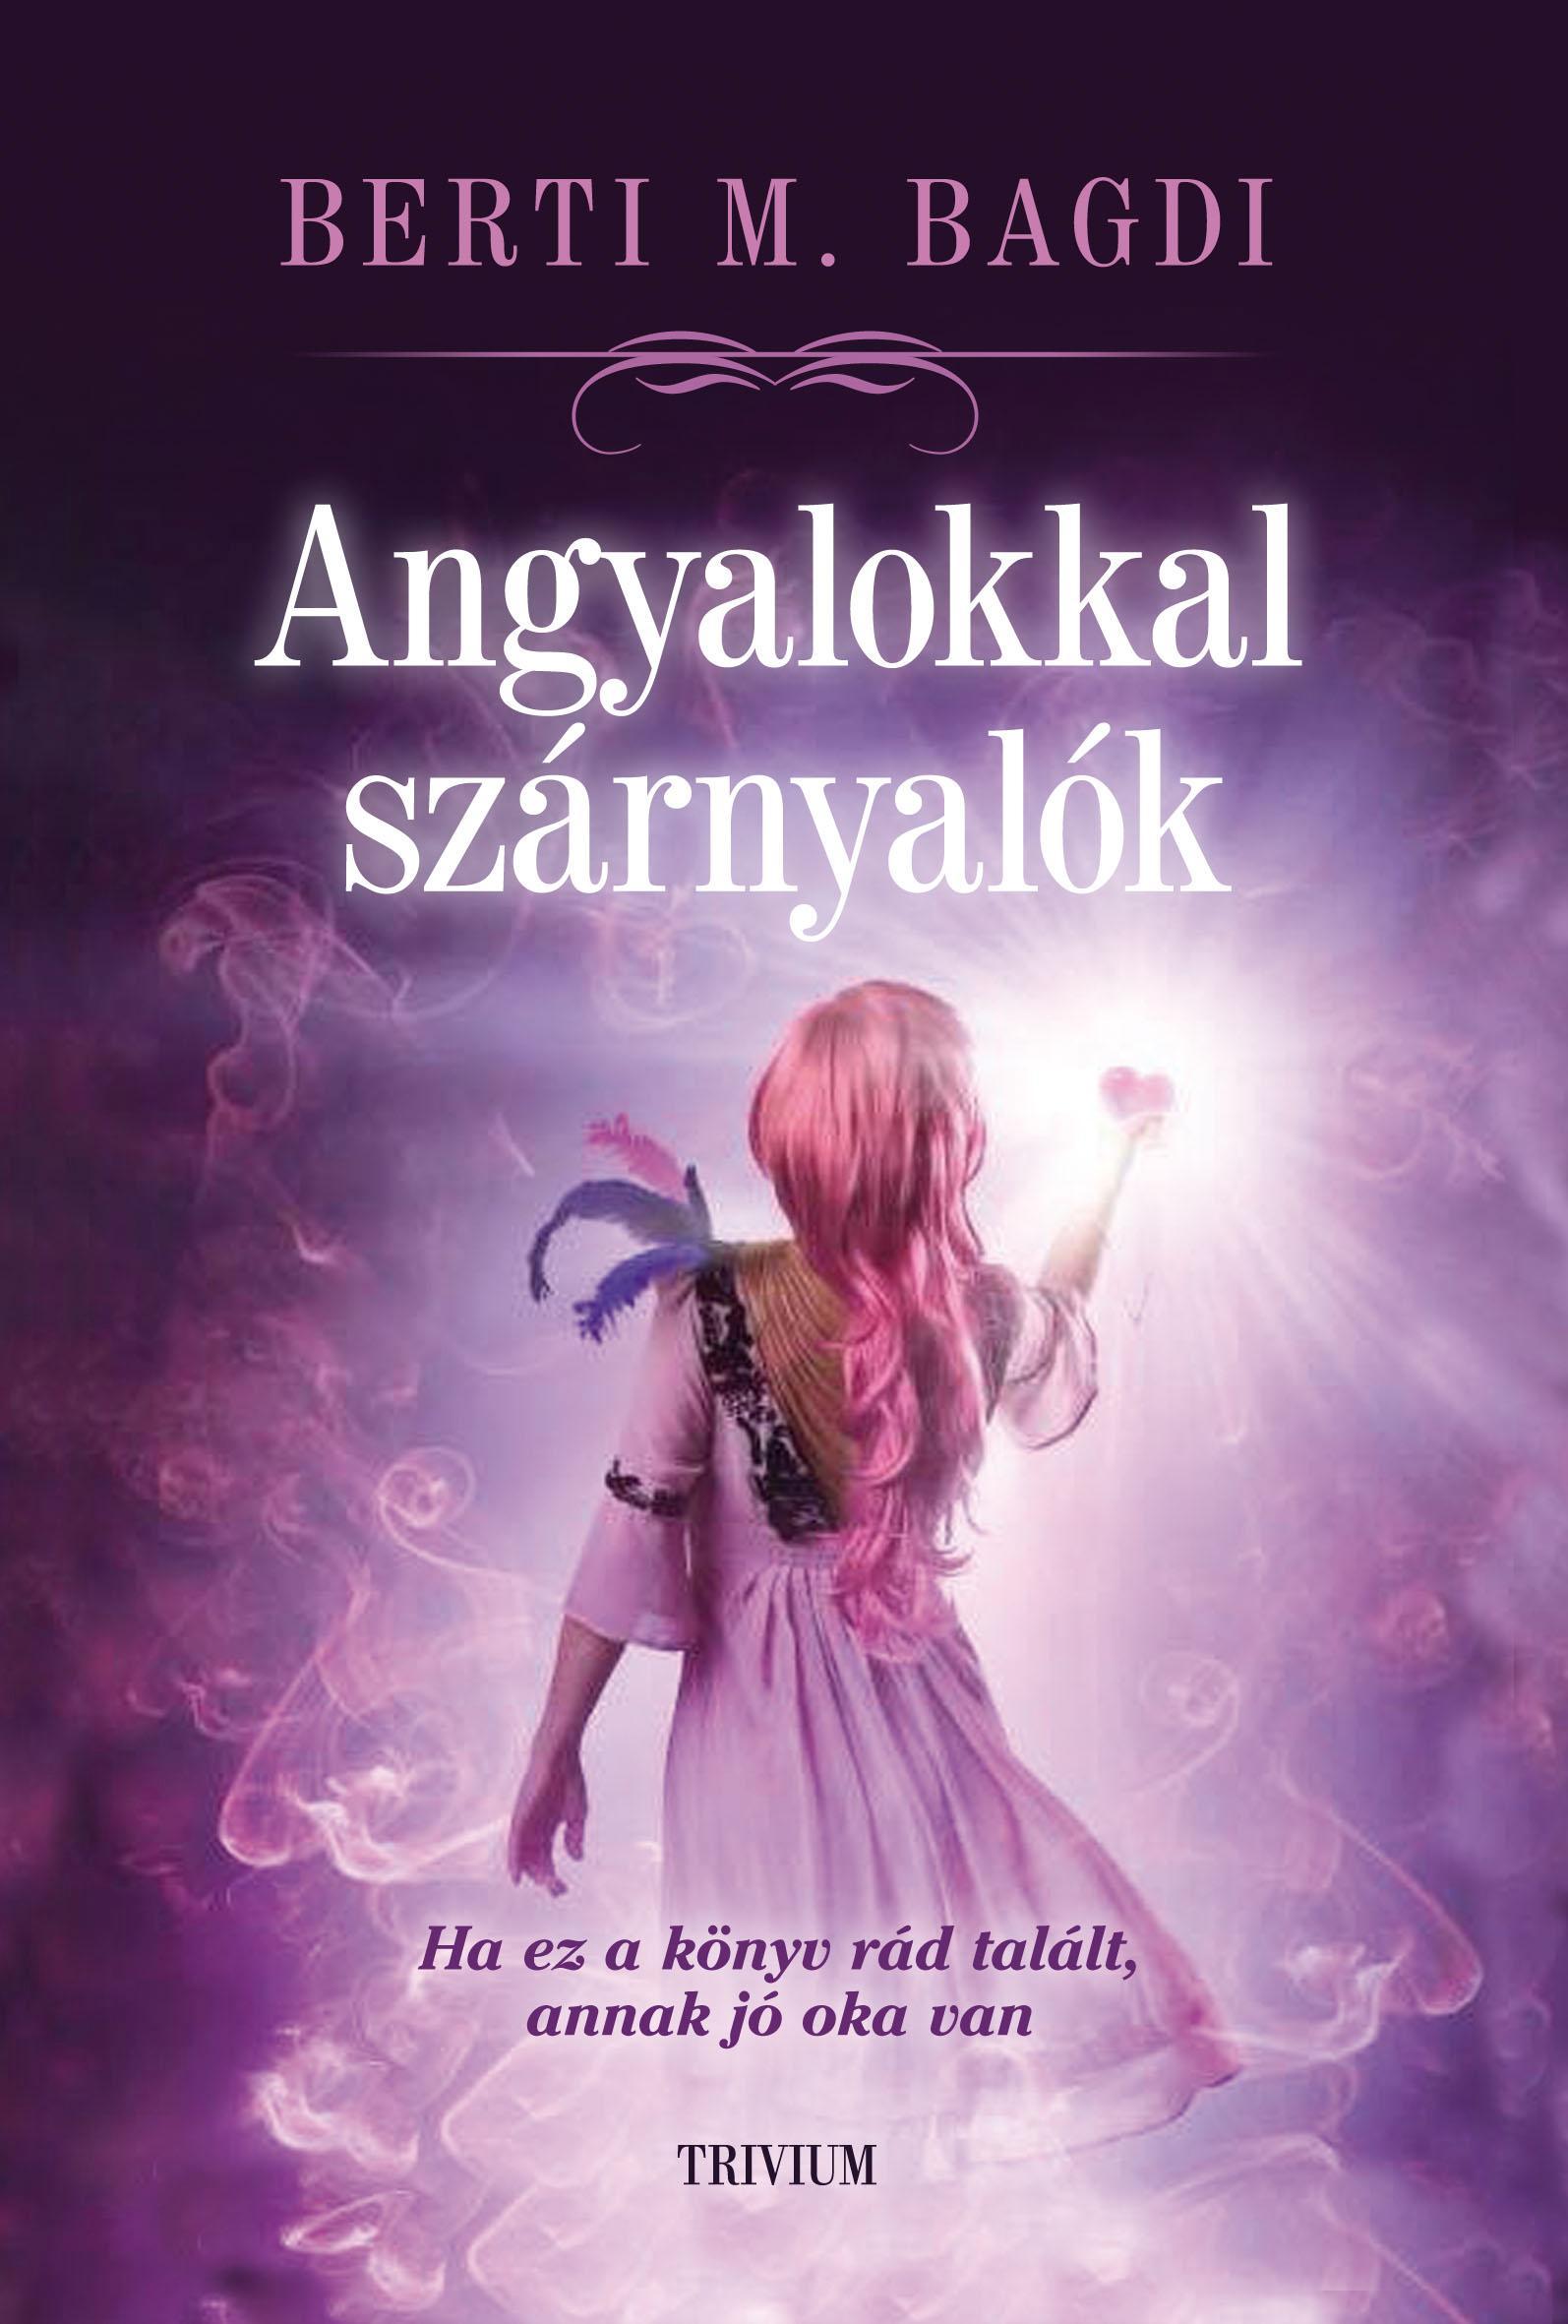 könyv látni fogja)